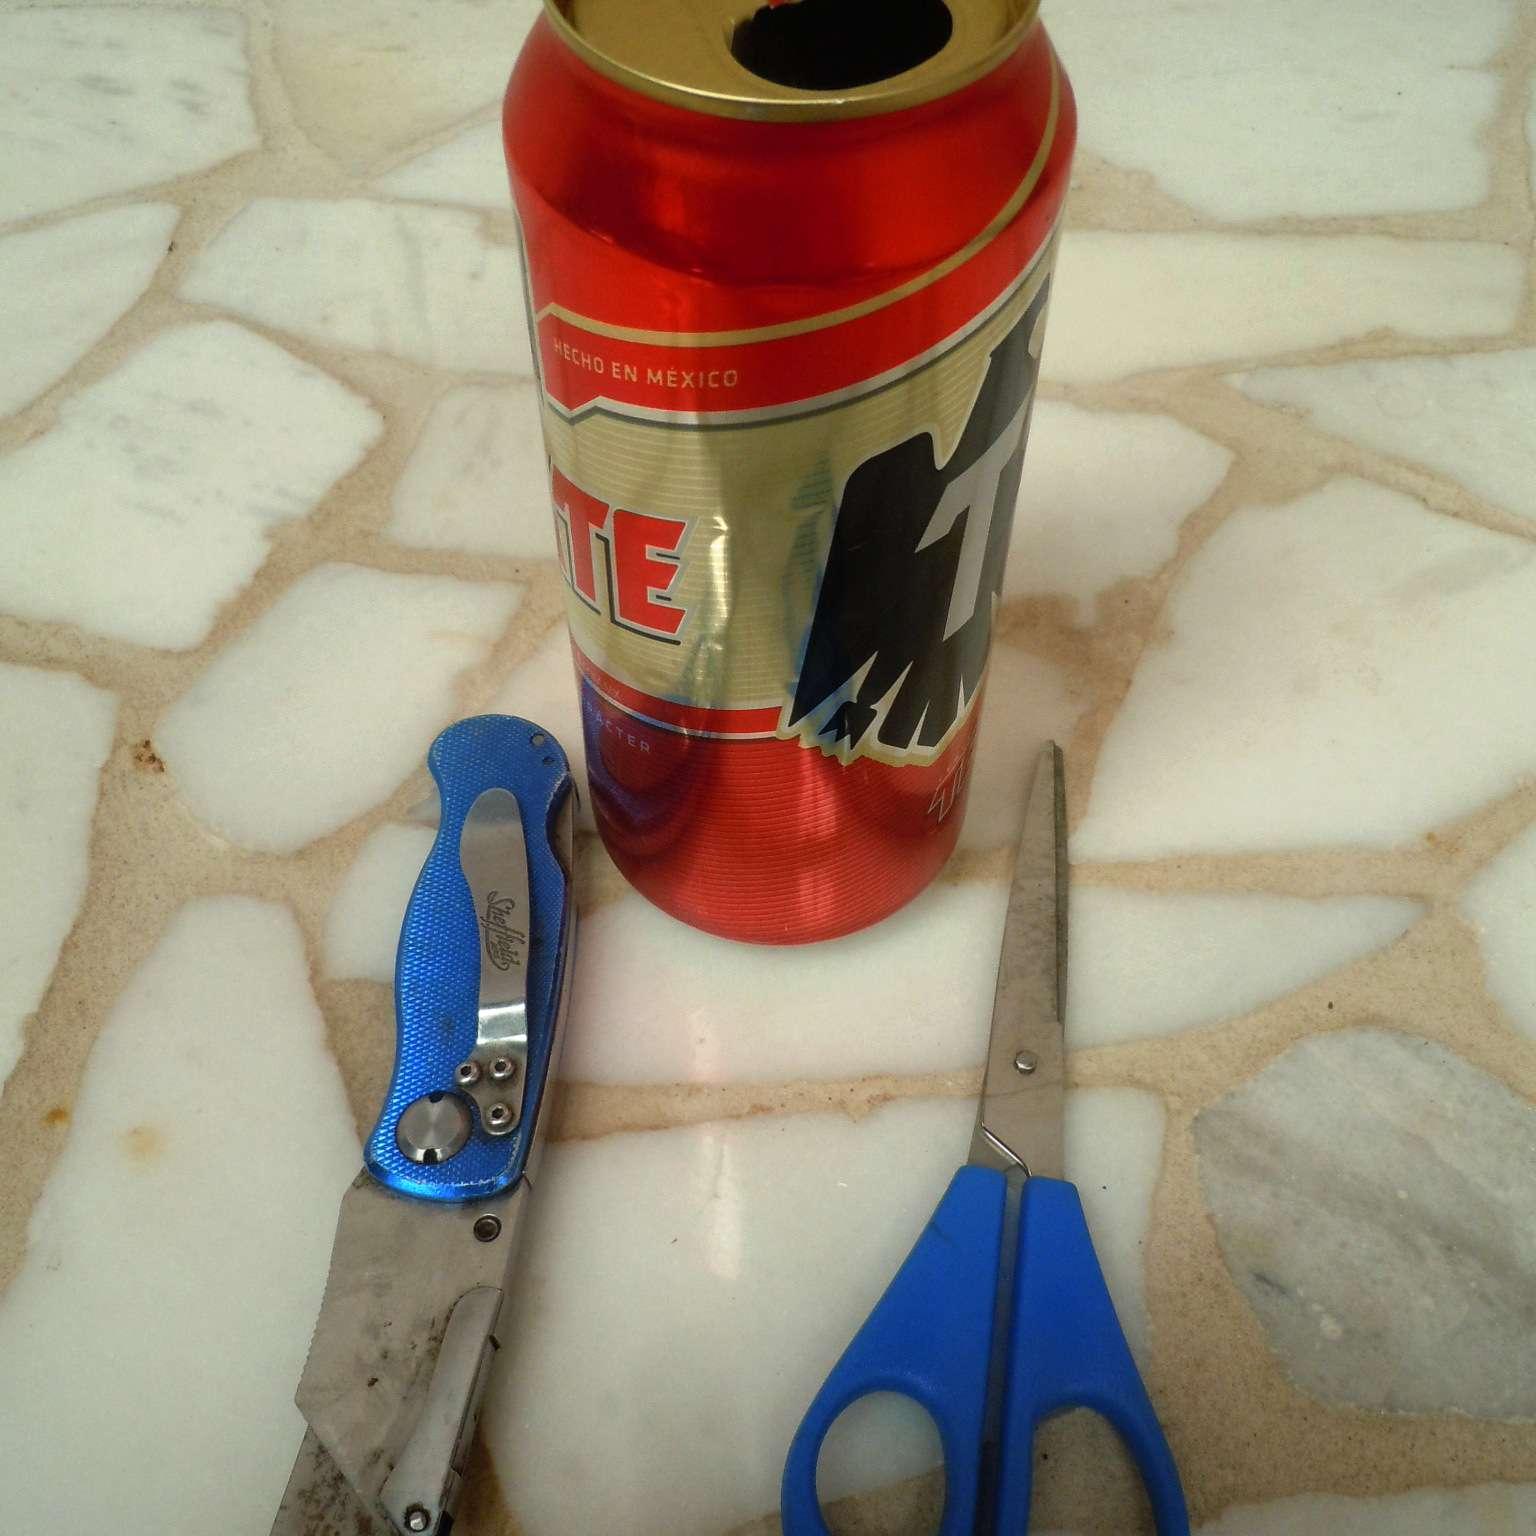 Materiales para hacer un cenicero o portavelas de lata reciclada